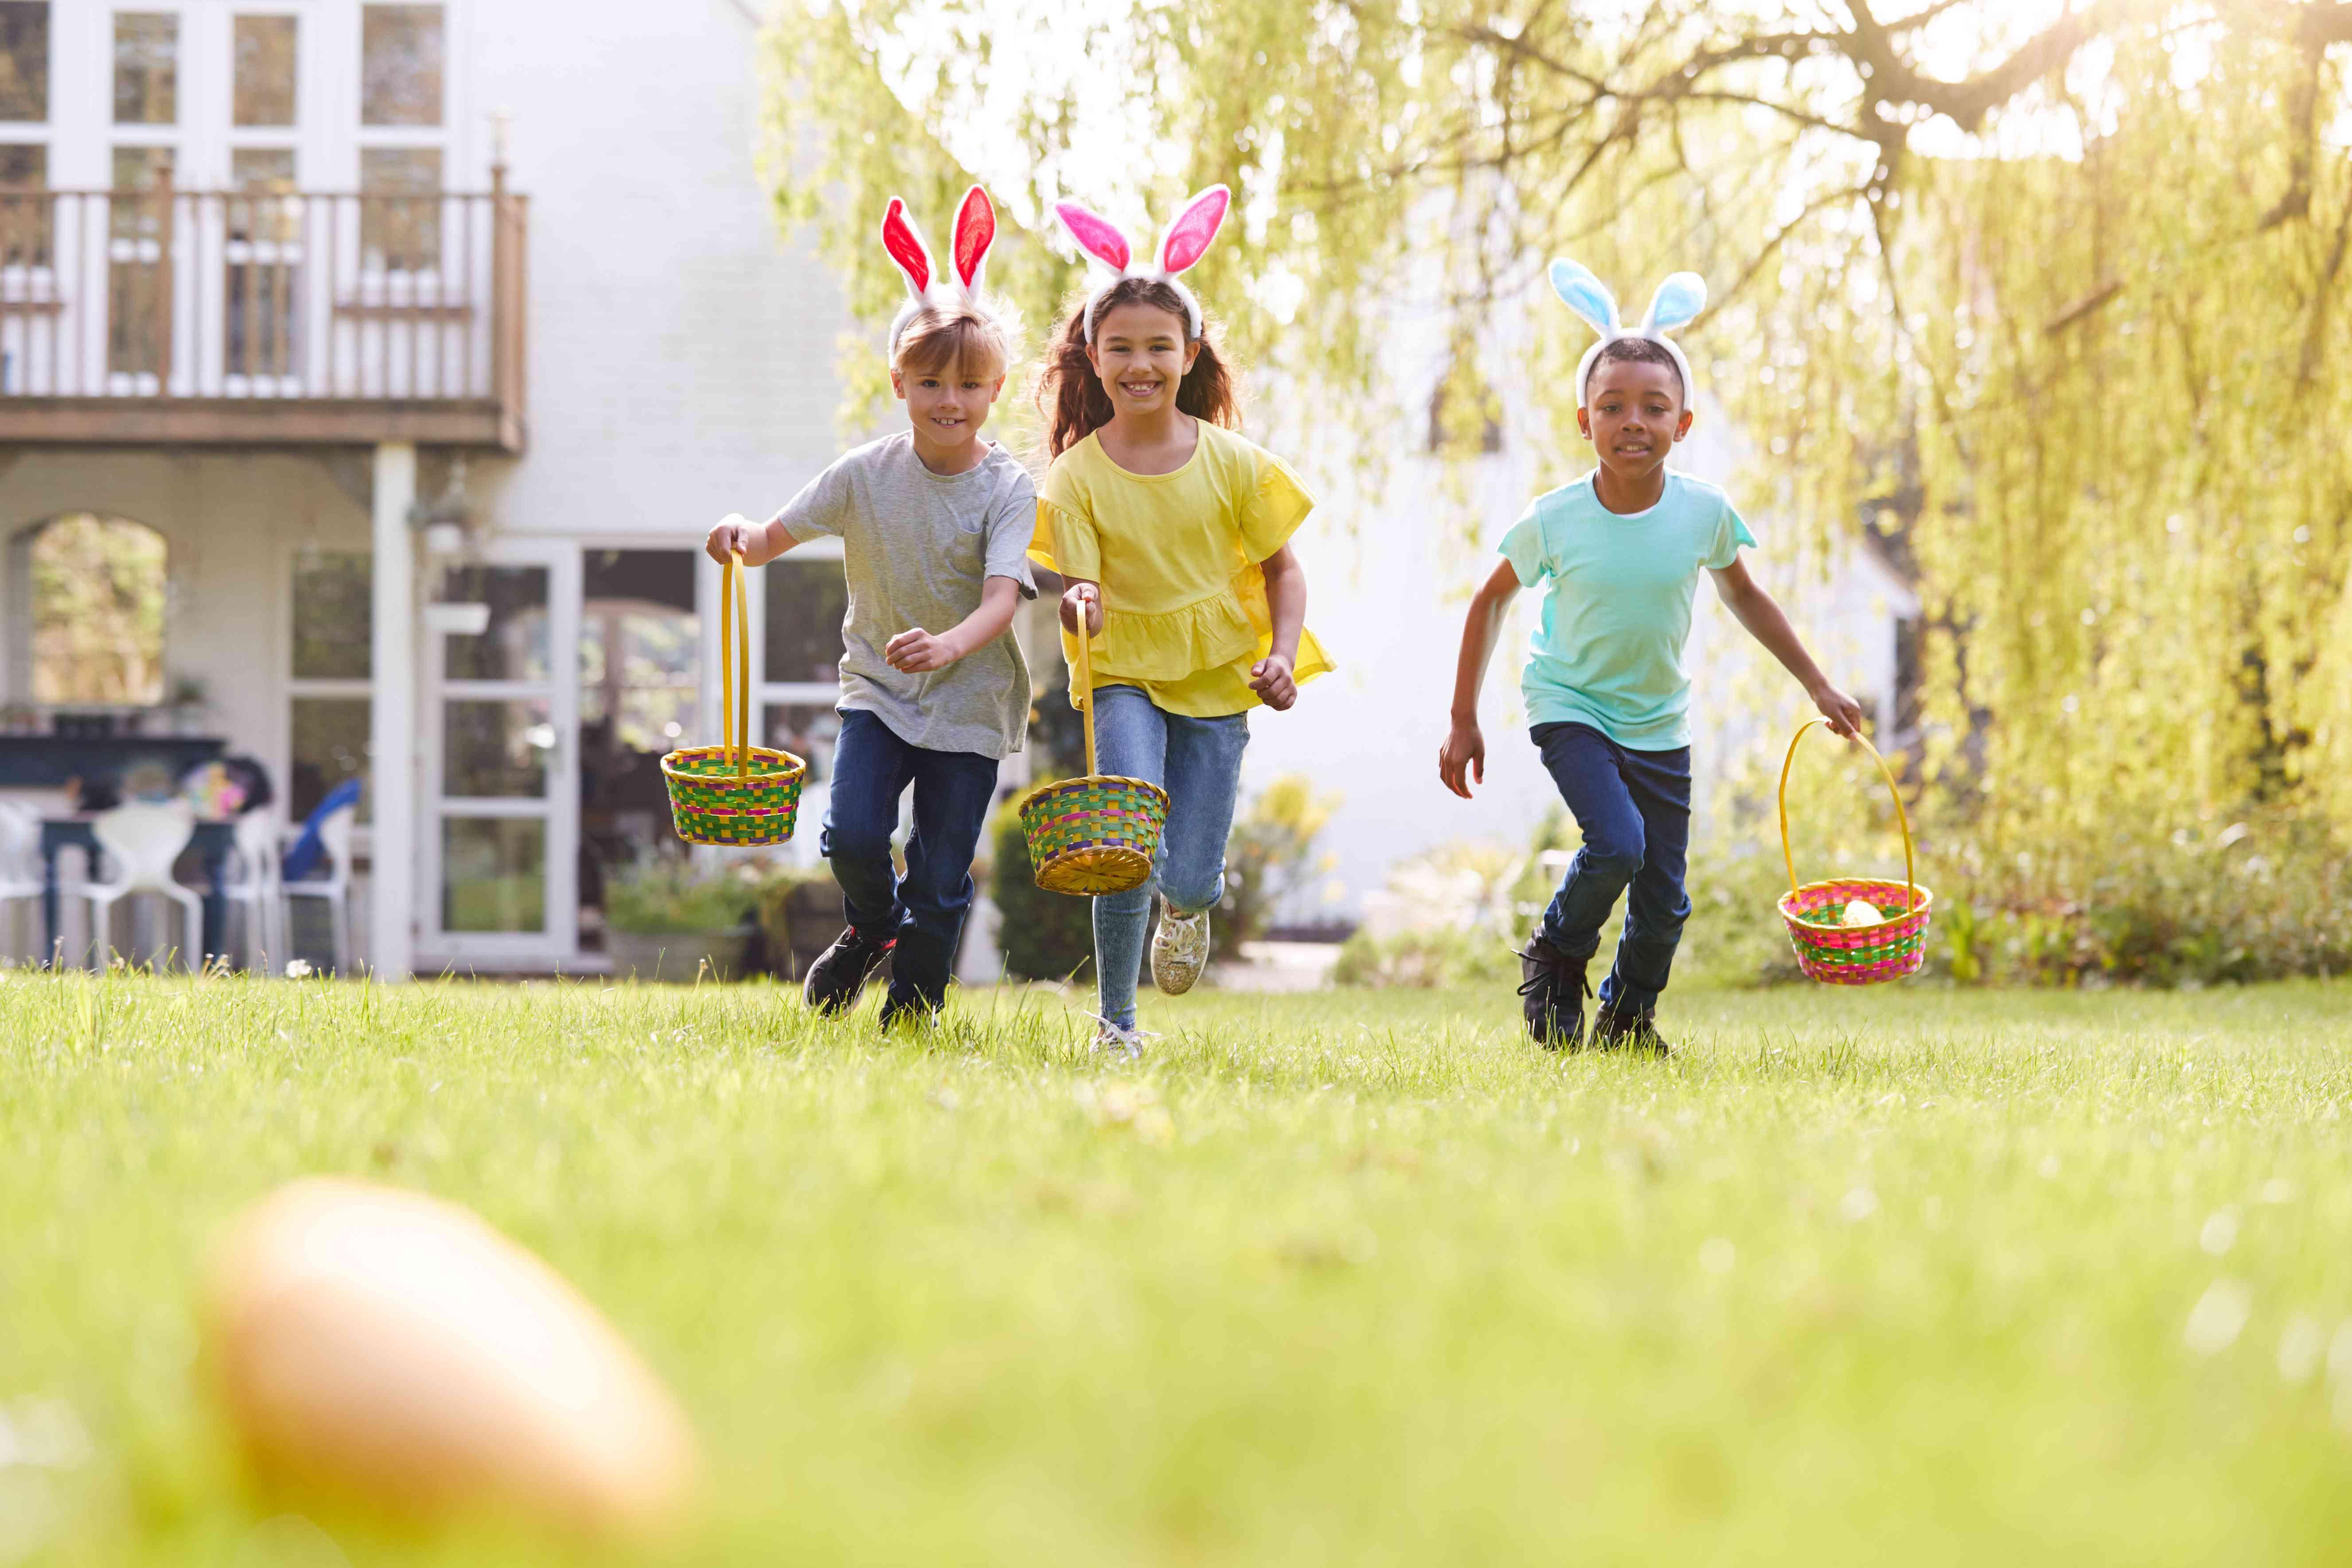 Group Of Children Wearing Bunny Ears Running On Easter Egg Hunt In Garden